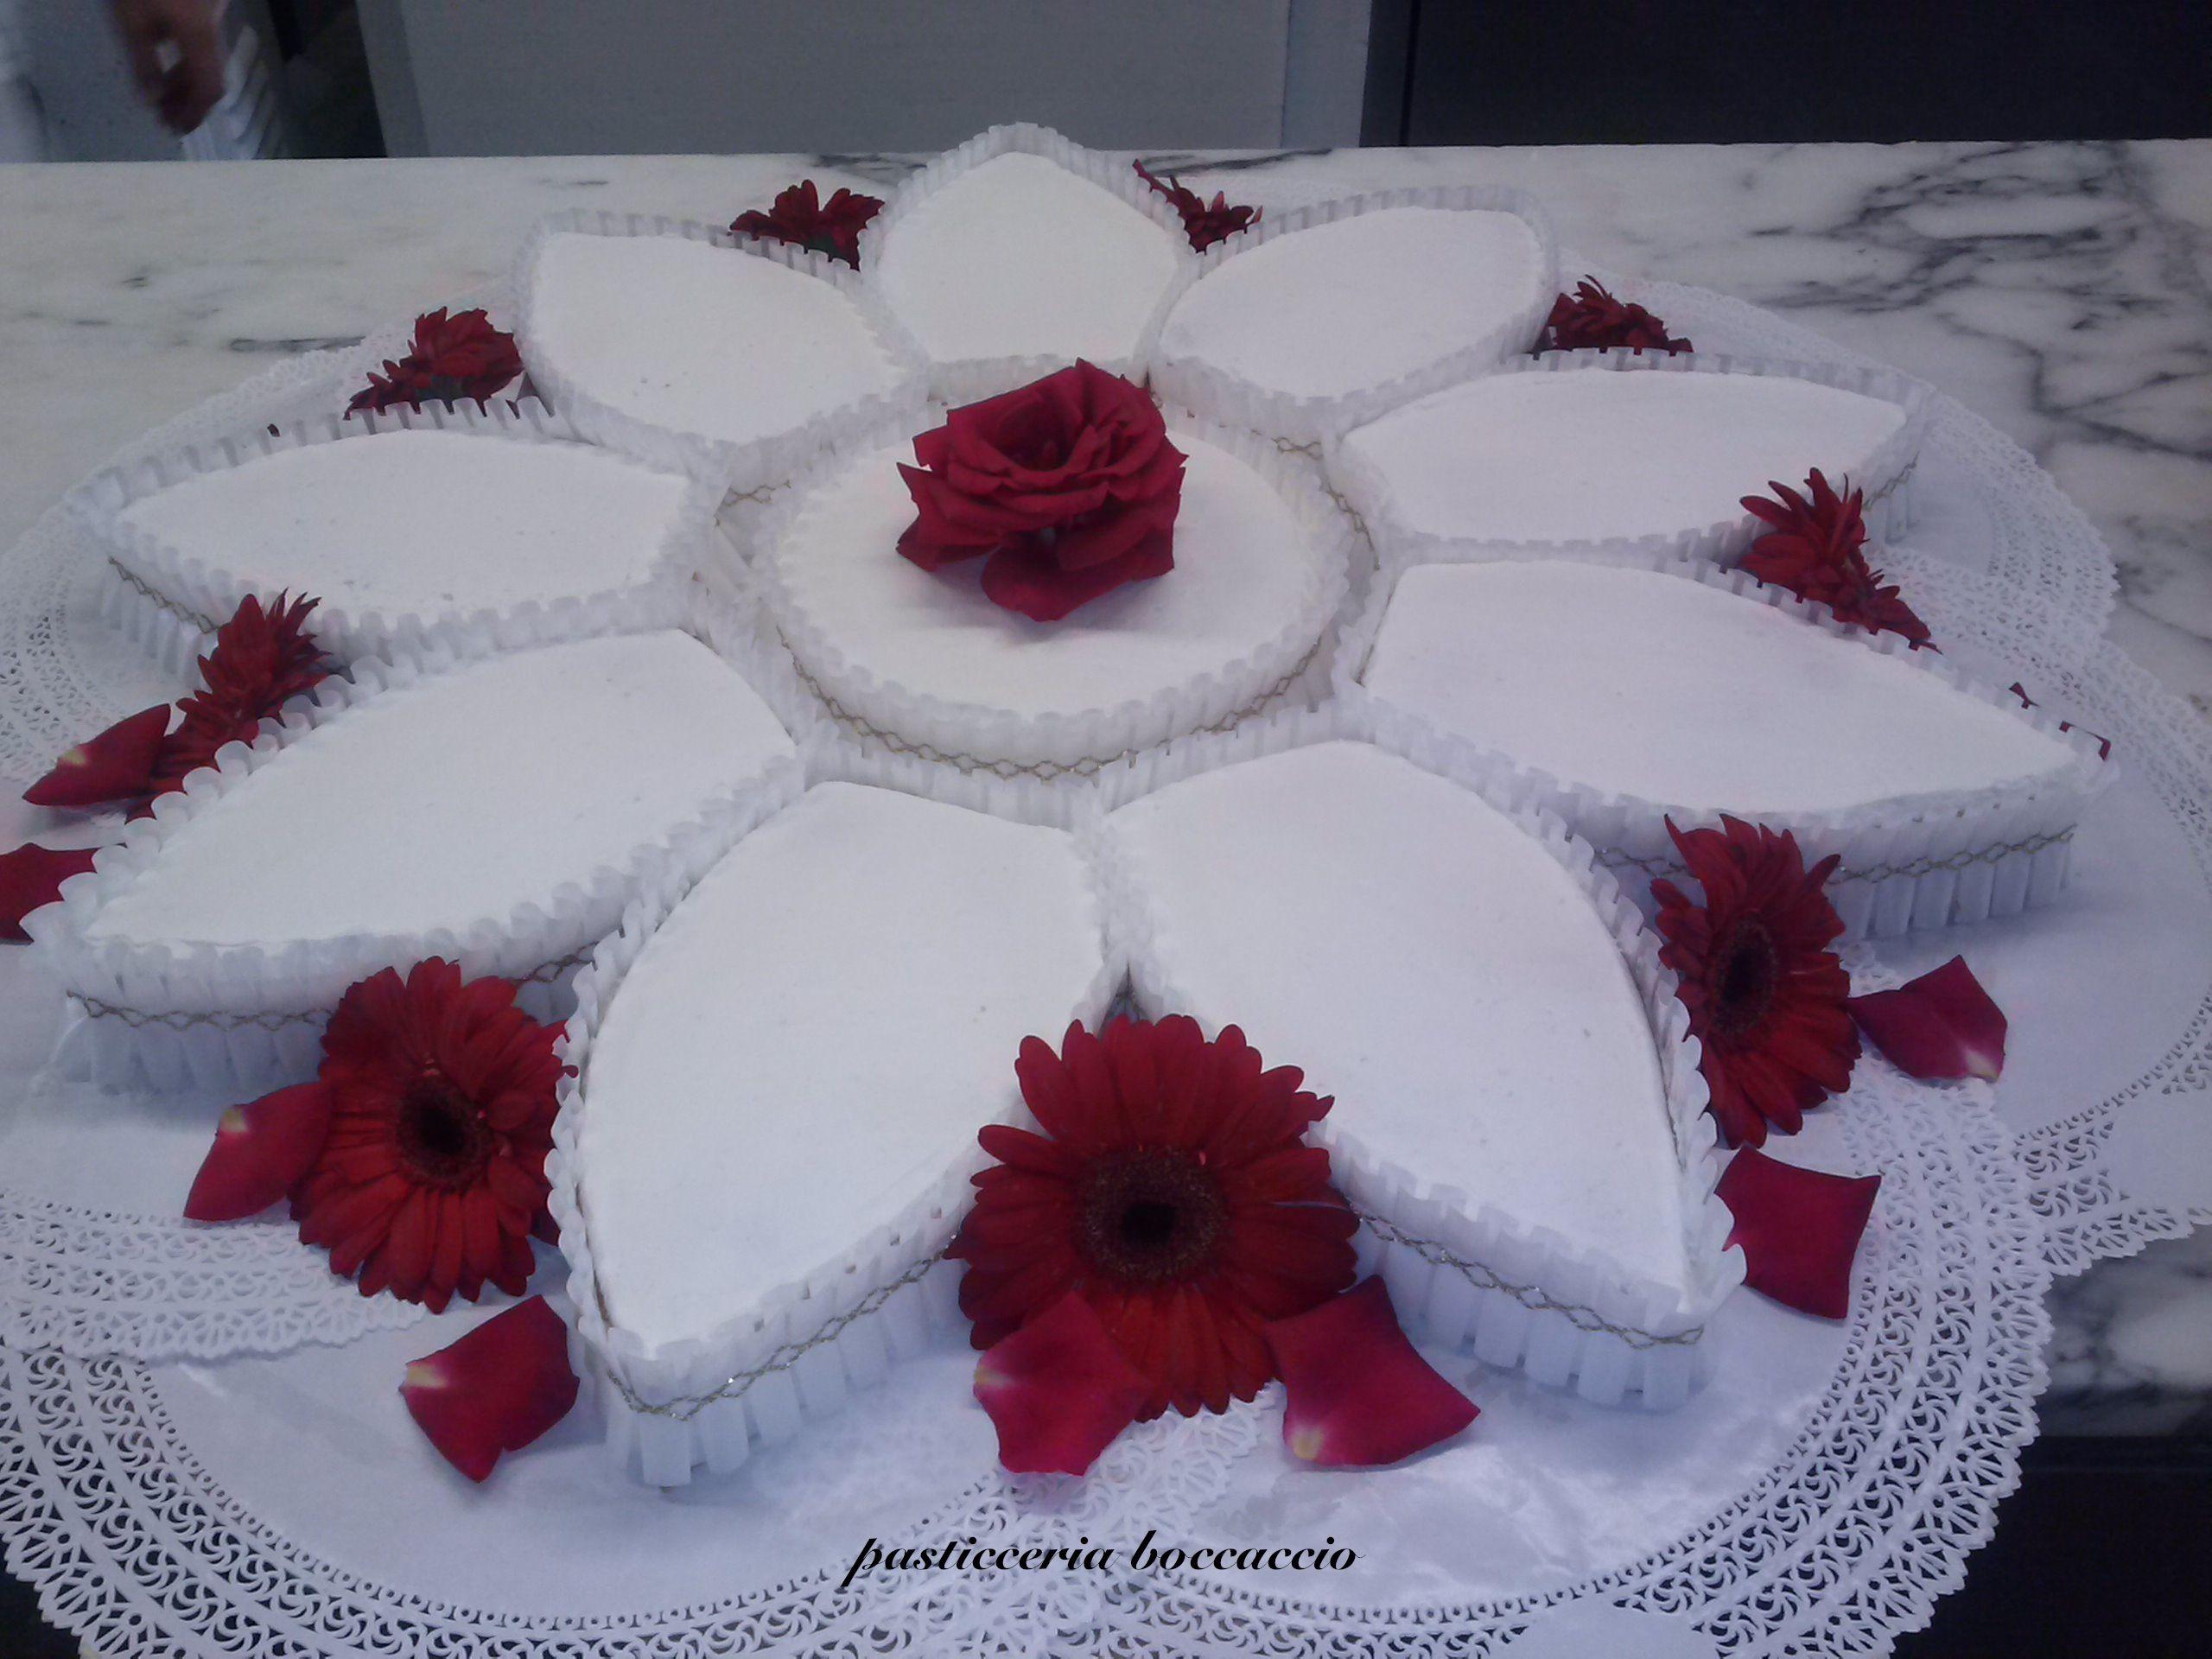 Torta millefoglie classica a forma di fiore torte for Decorazione torte millefoglie